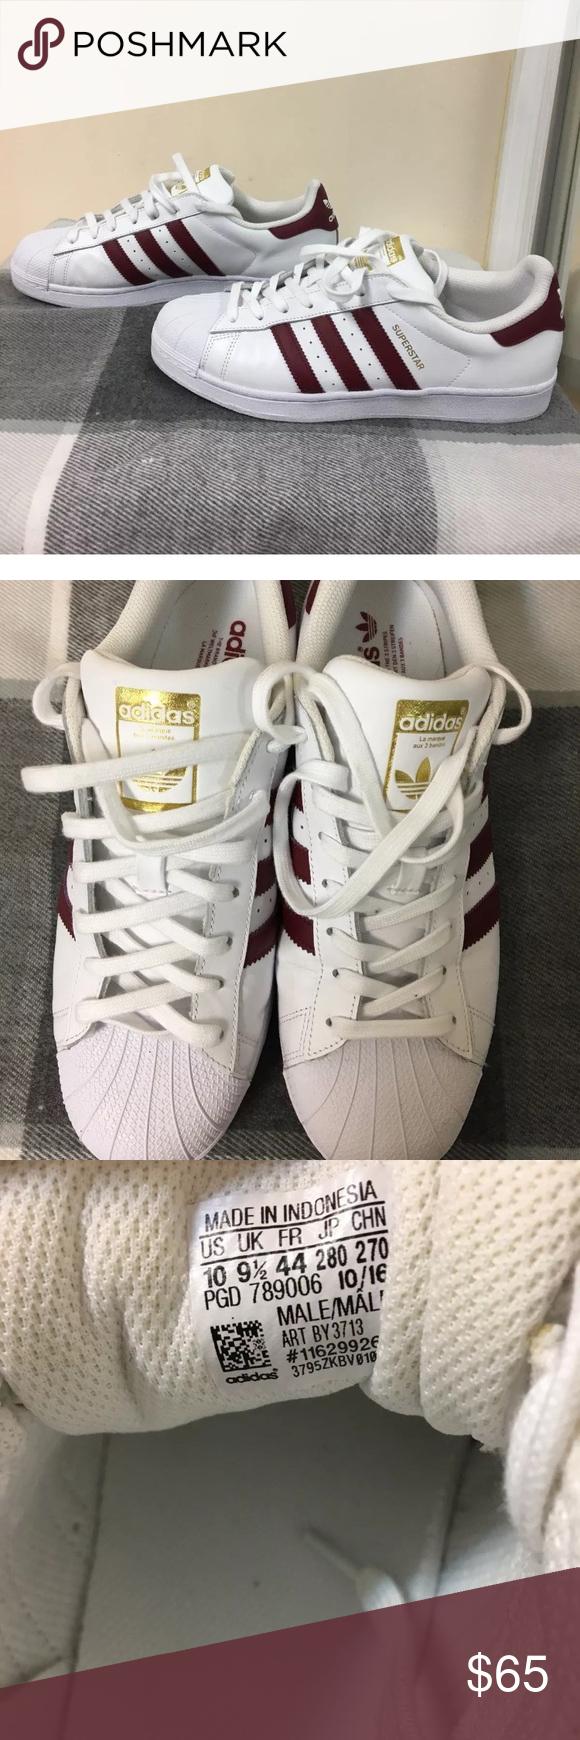 Adidas Superstar Superstar Original Adidas clásico blanco burdeos clásico   c7dc486 - grind.website